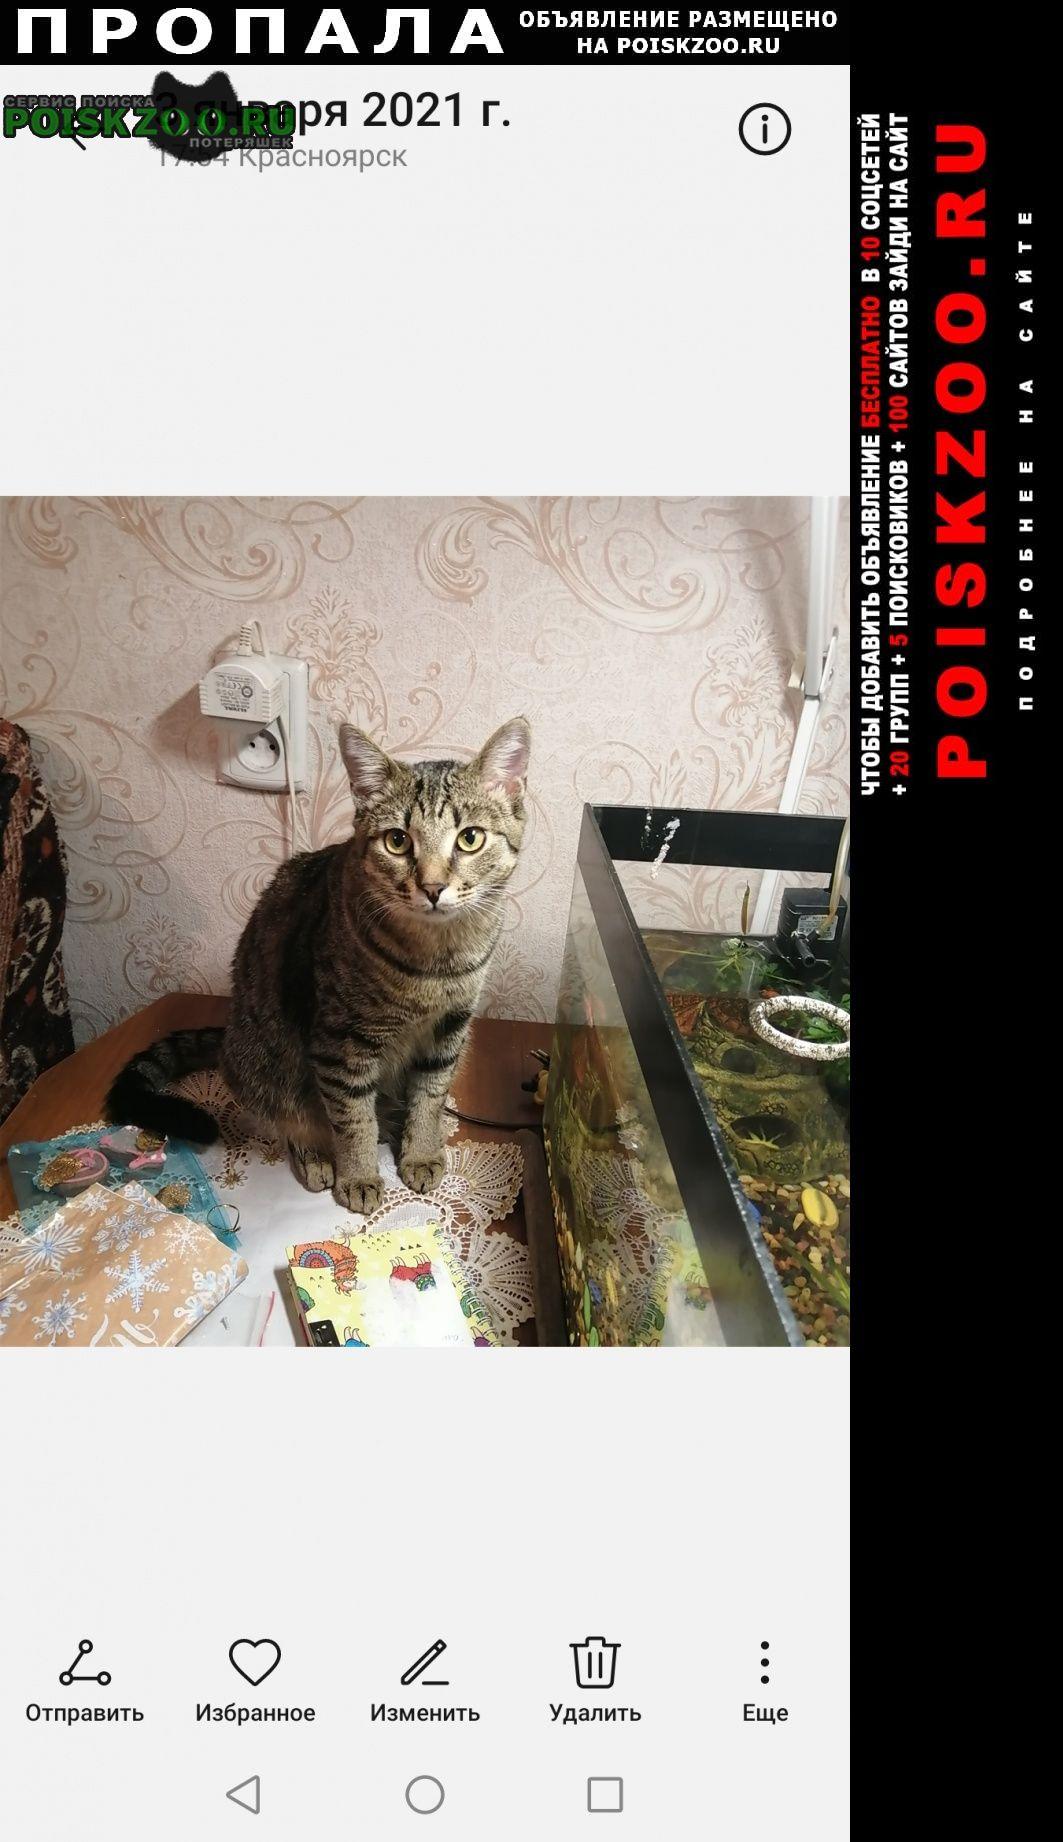 Пропал кот Красноярск